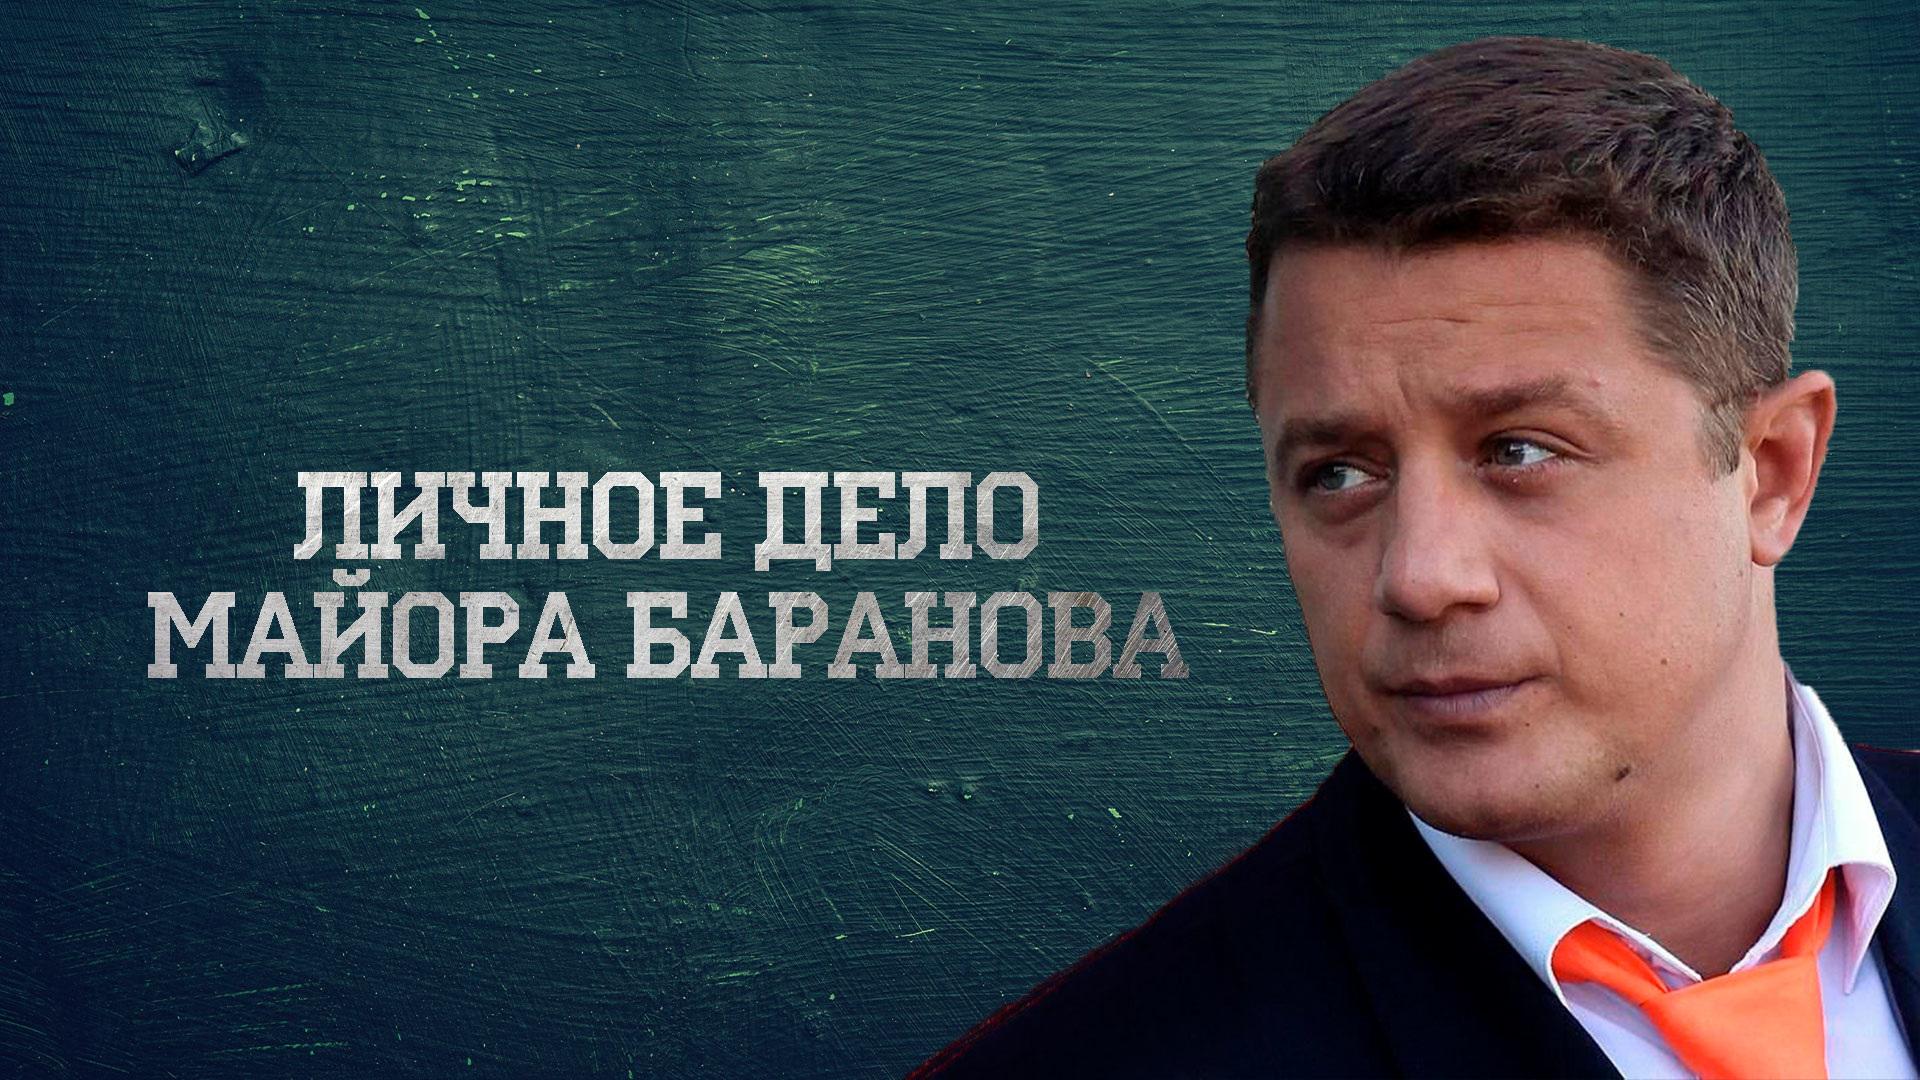 Личное дело майора Баранова